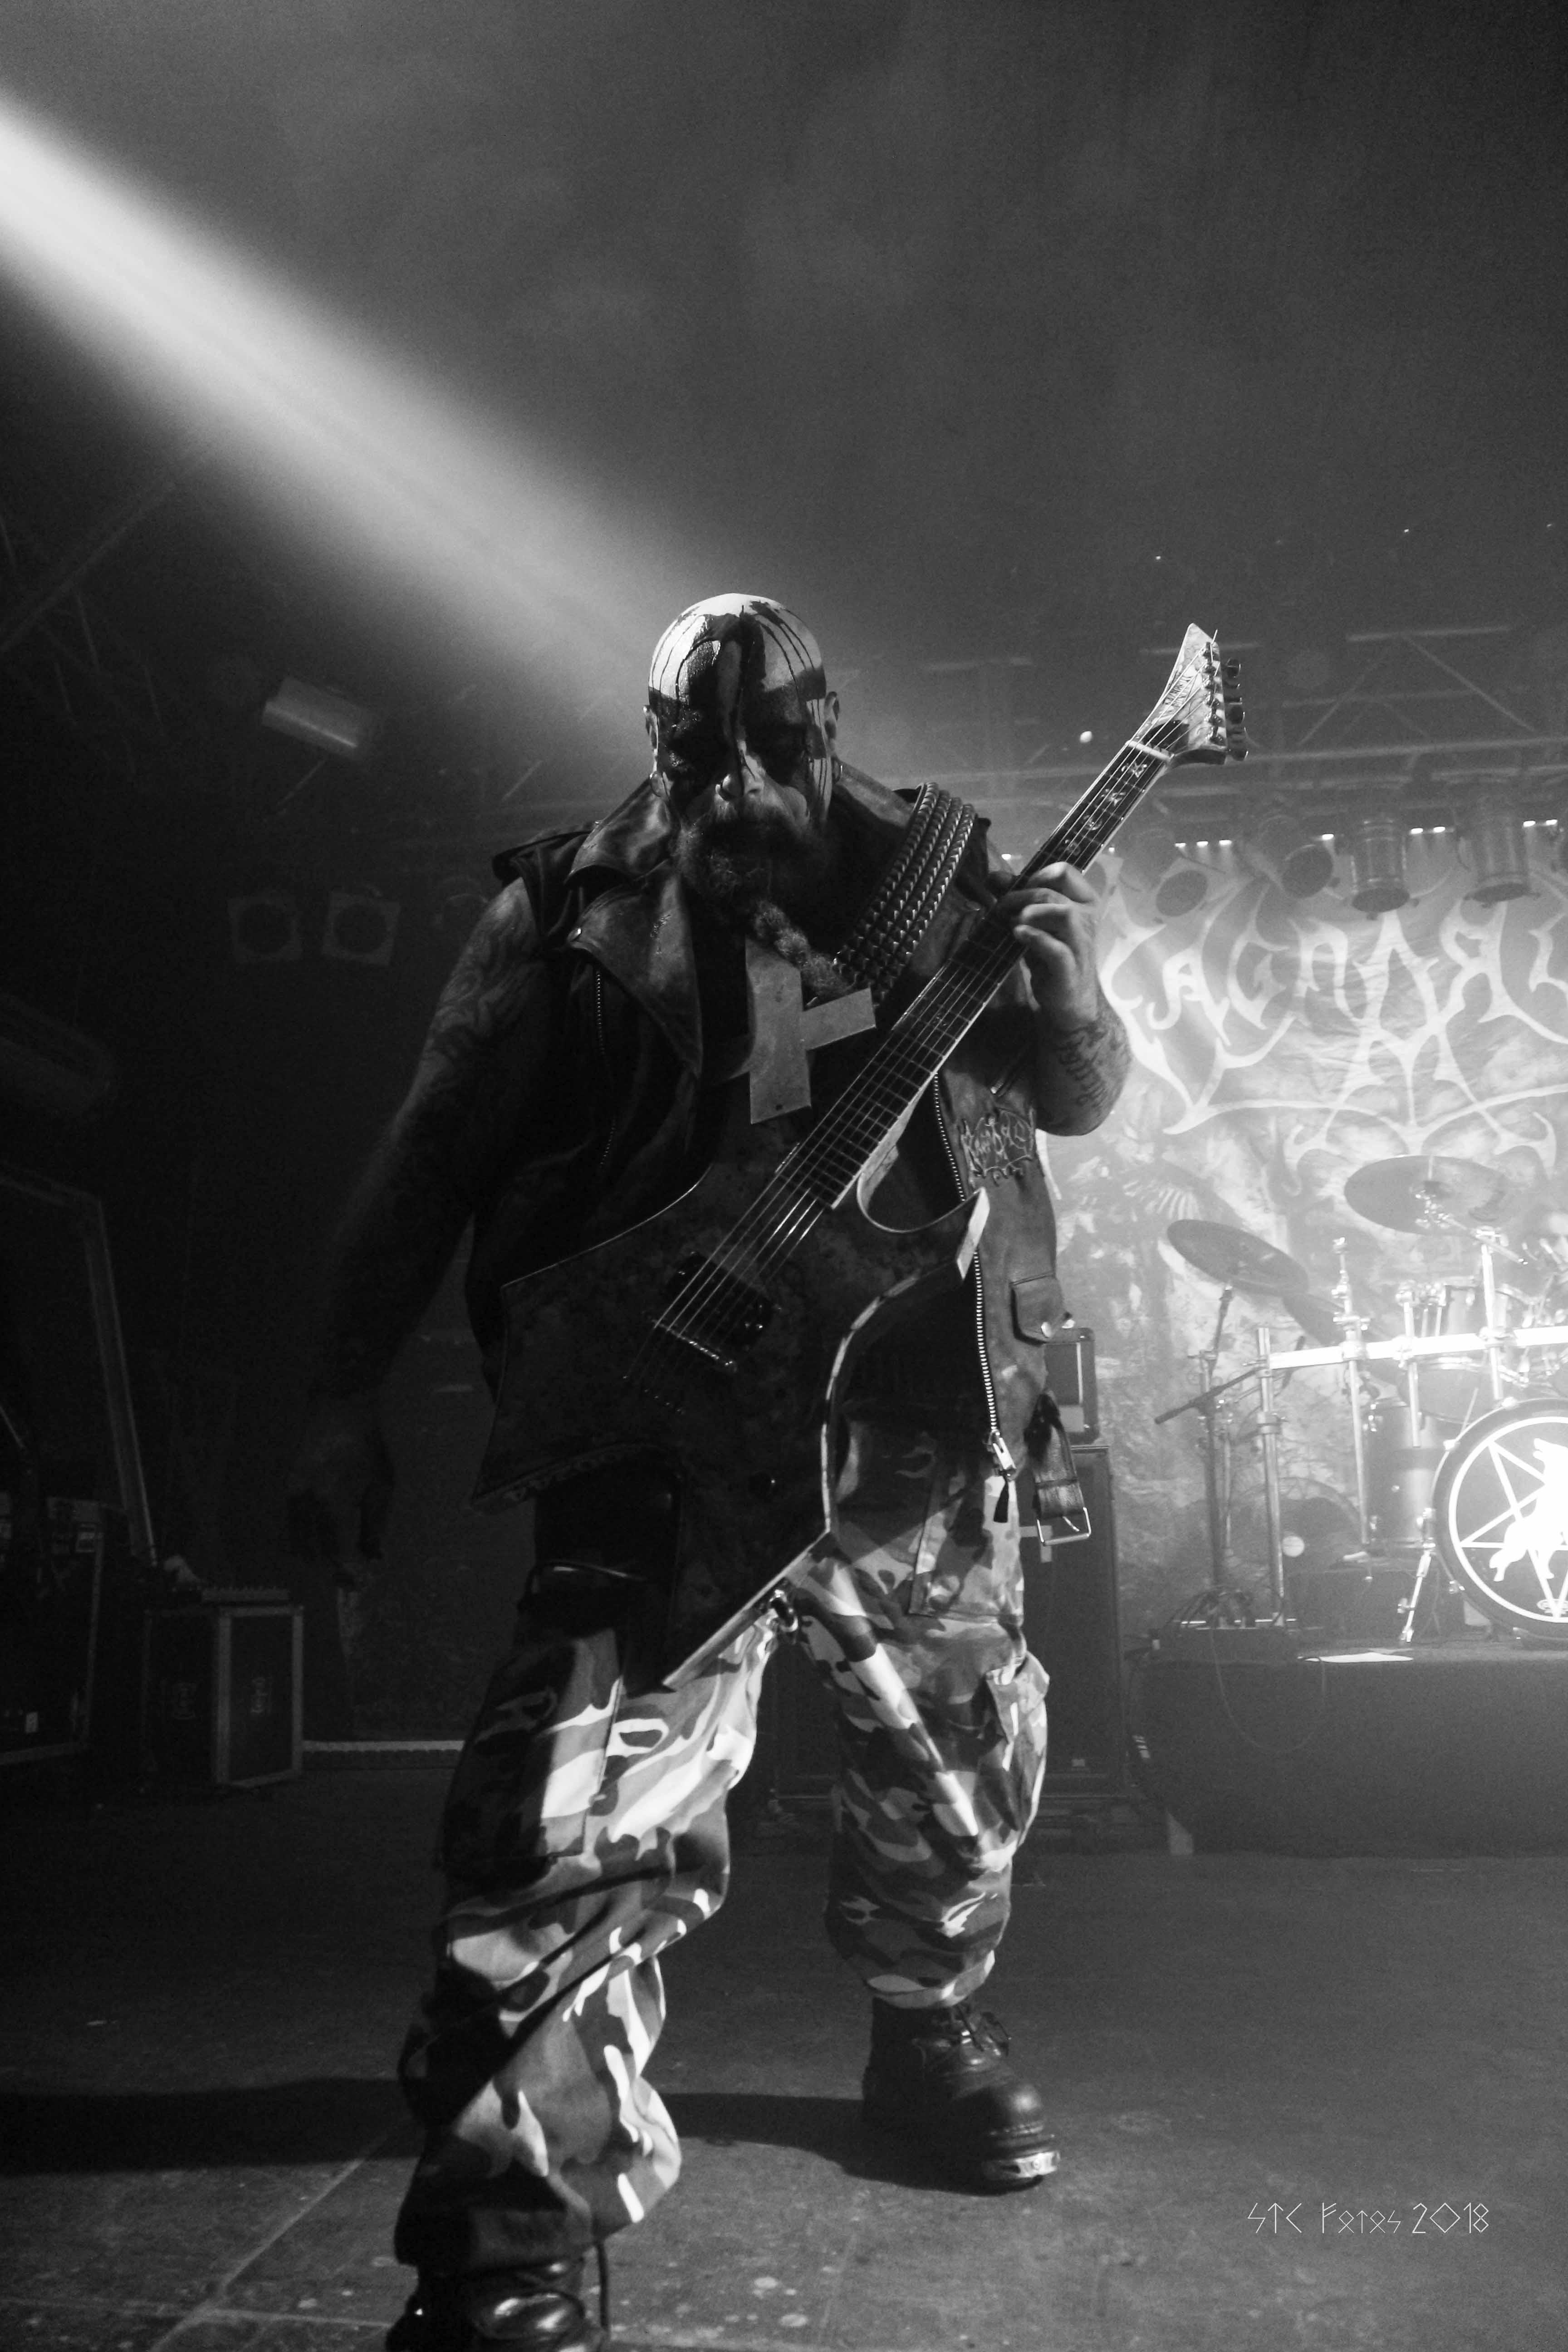 Ragnarok am 16.05.2018 im Backstage München